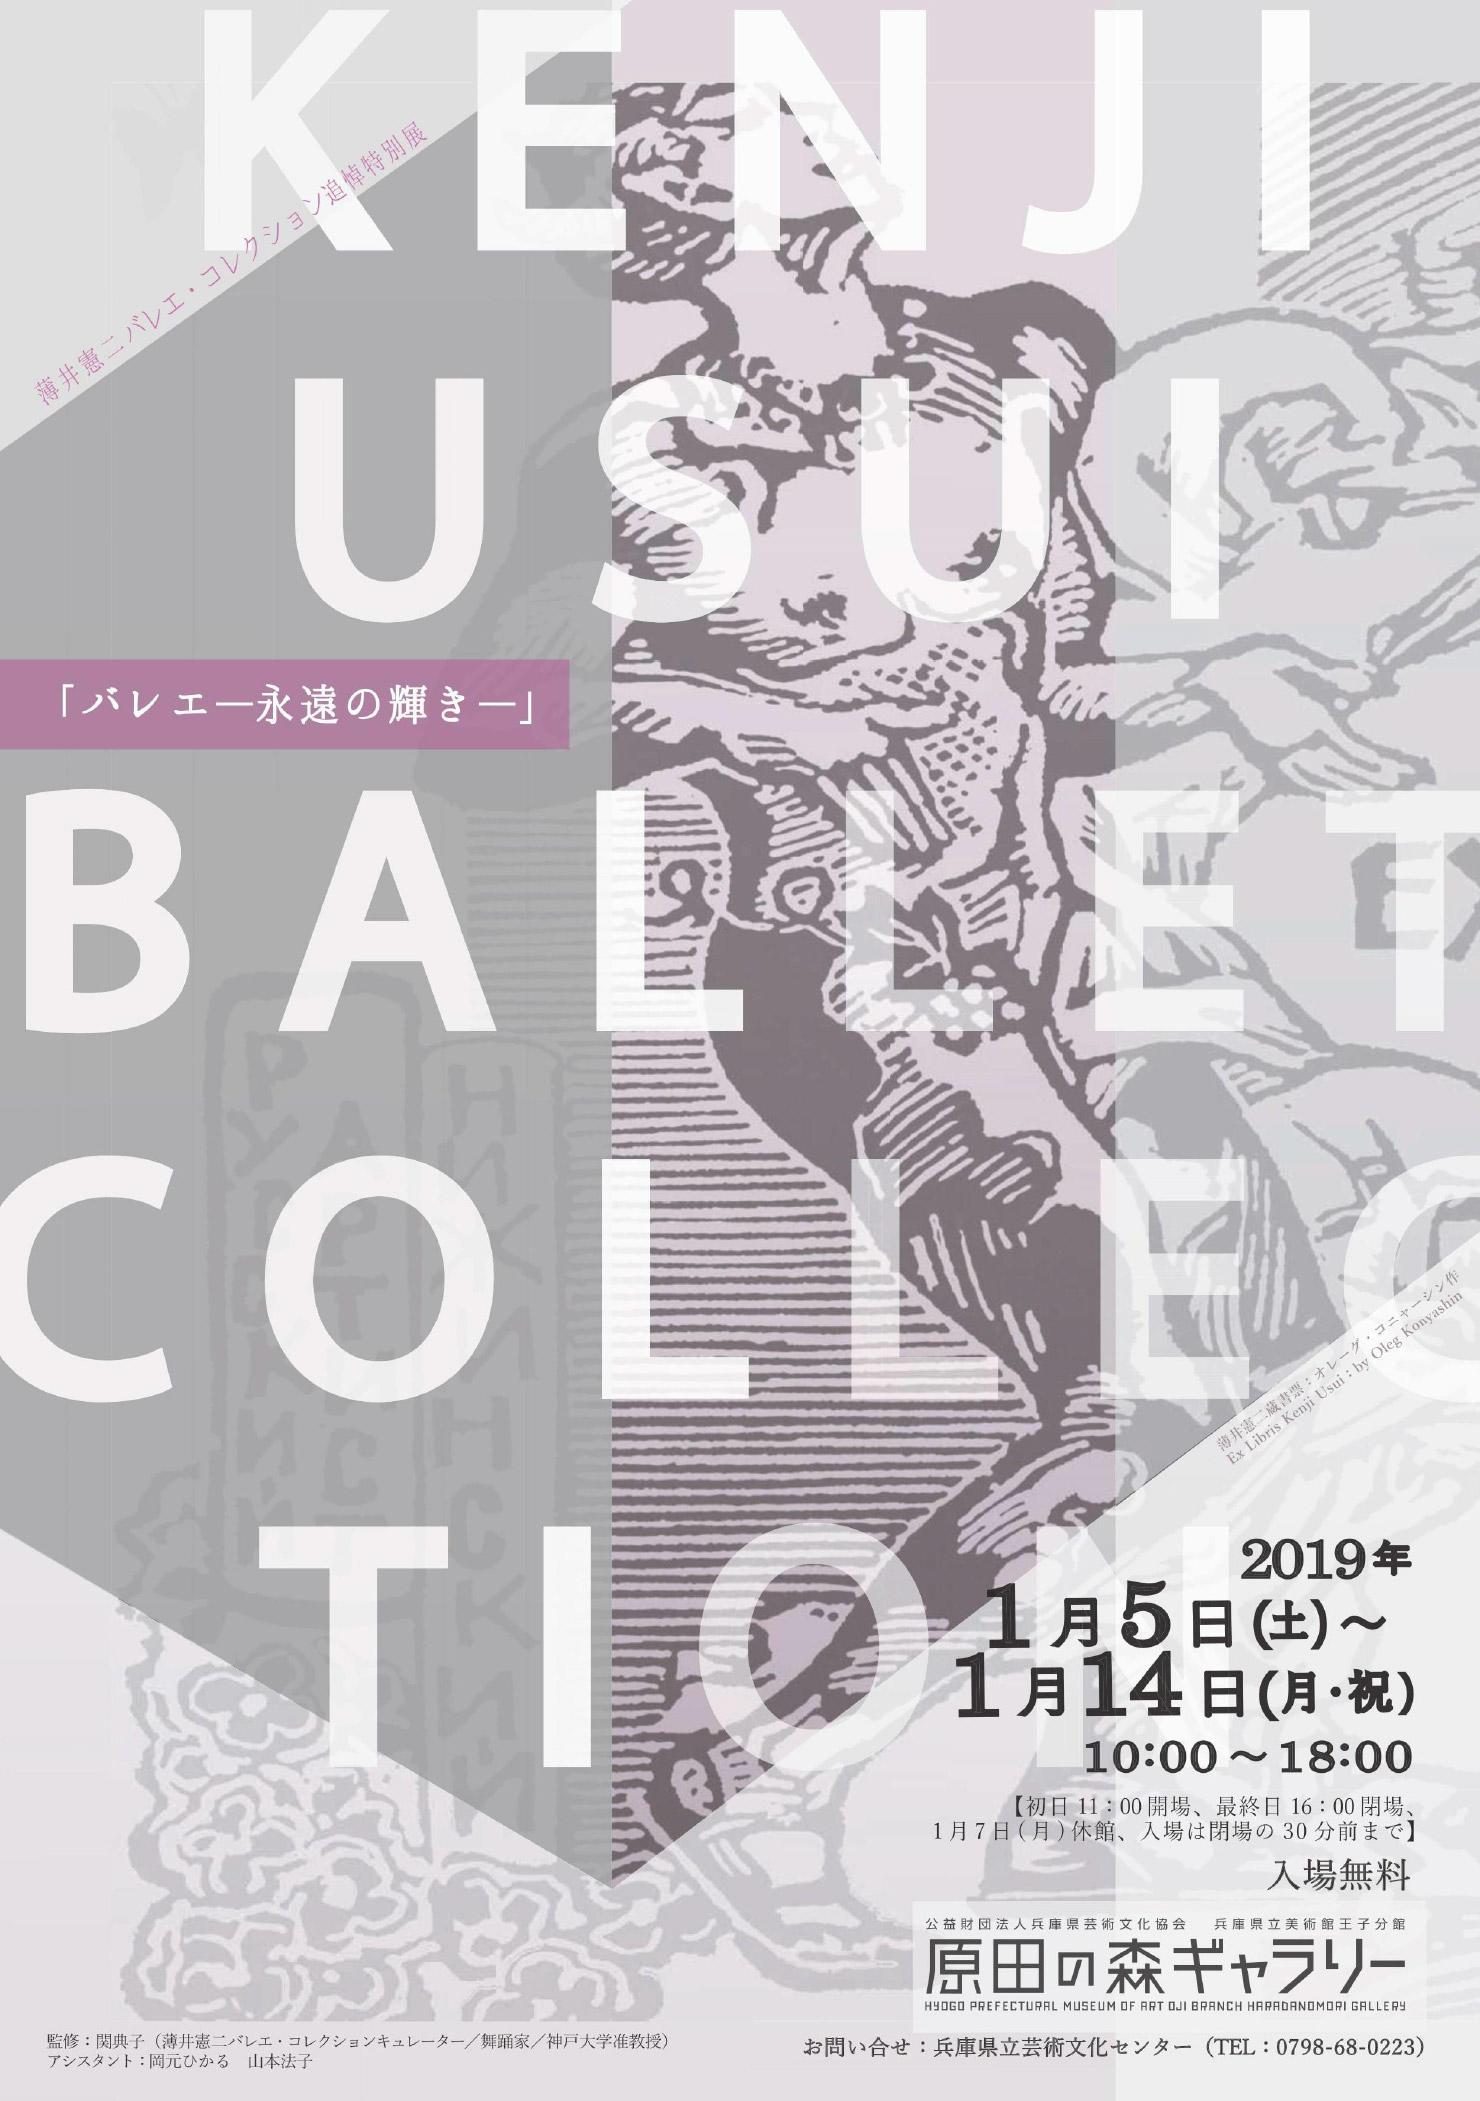 神戸_薄井憲二バレエ・コレクション追悼特別展_2019_1.jpg